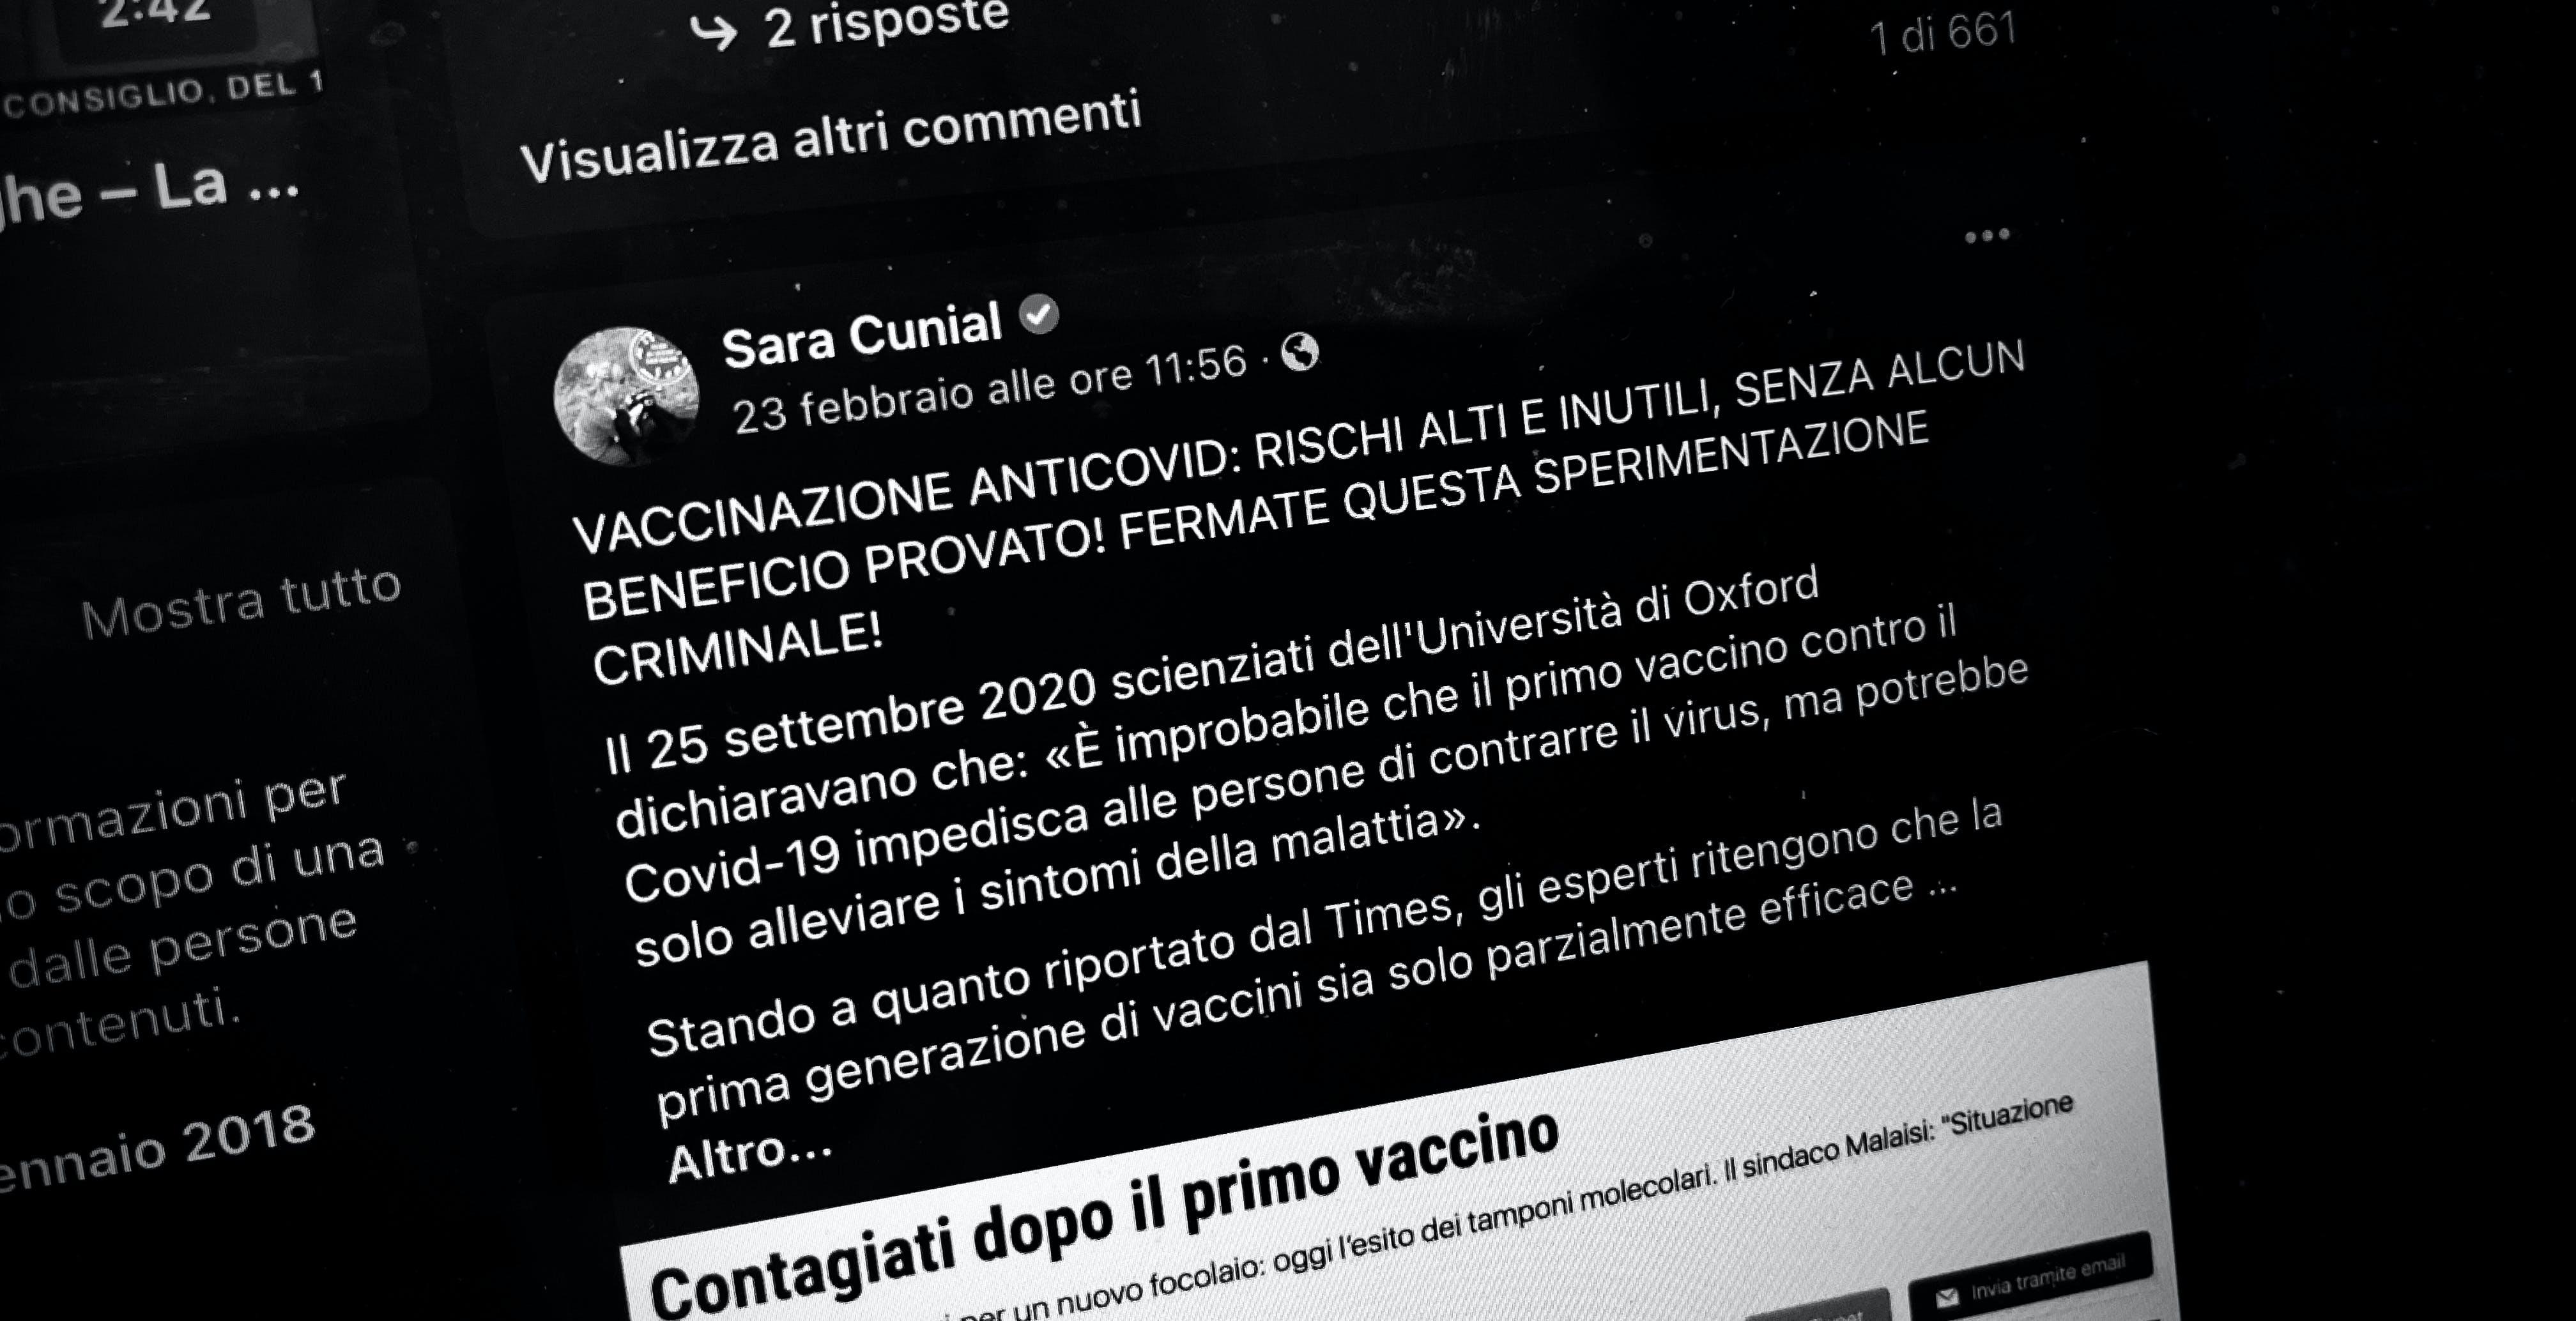 """Dov'è il pugno duro contro le fake news? Sara Cunial chiama la vaccinazione """"sperimentazione criminale"""" e Facebook non interviene"""